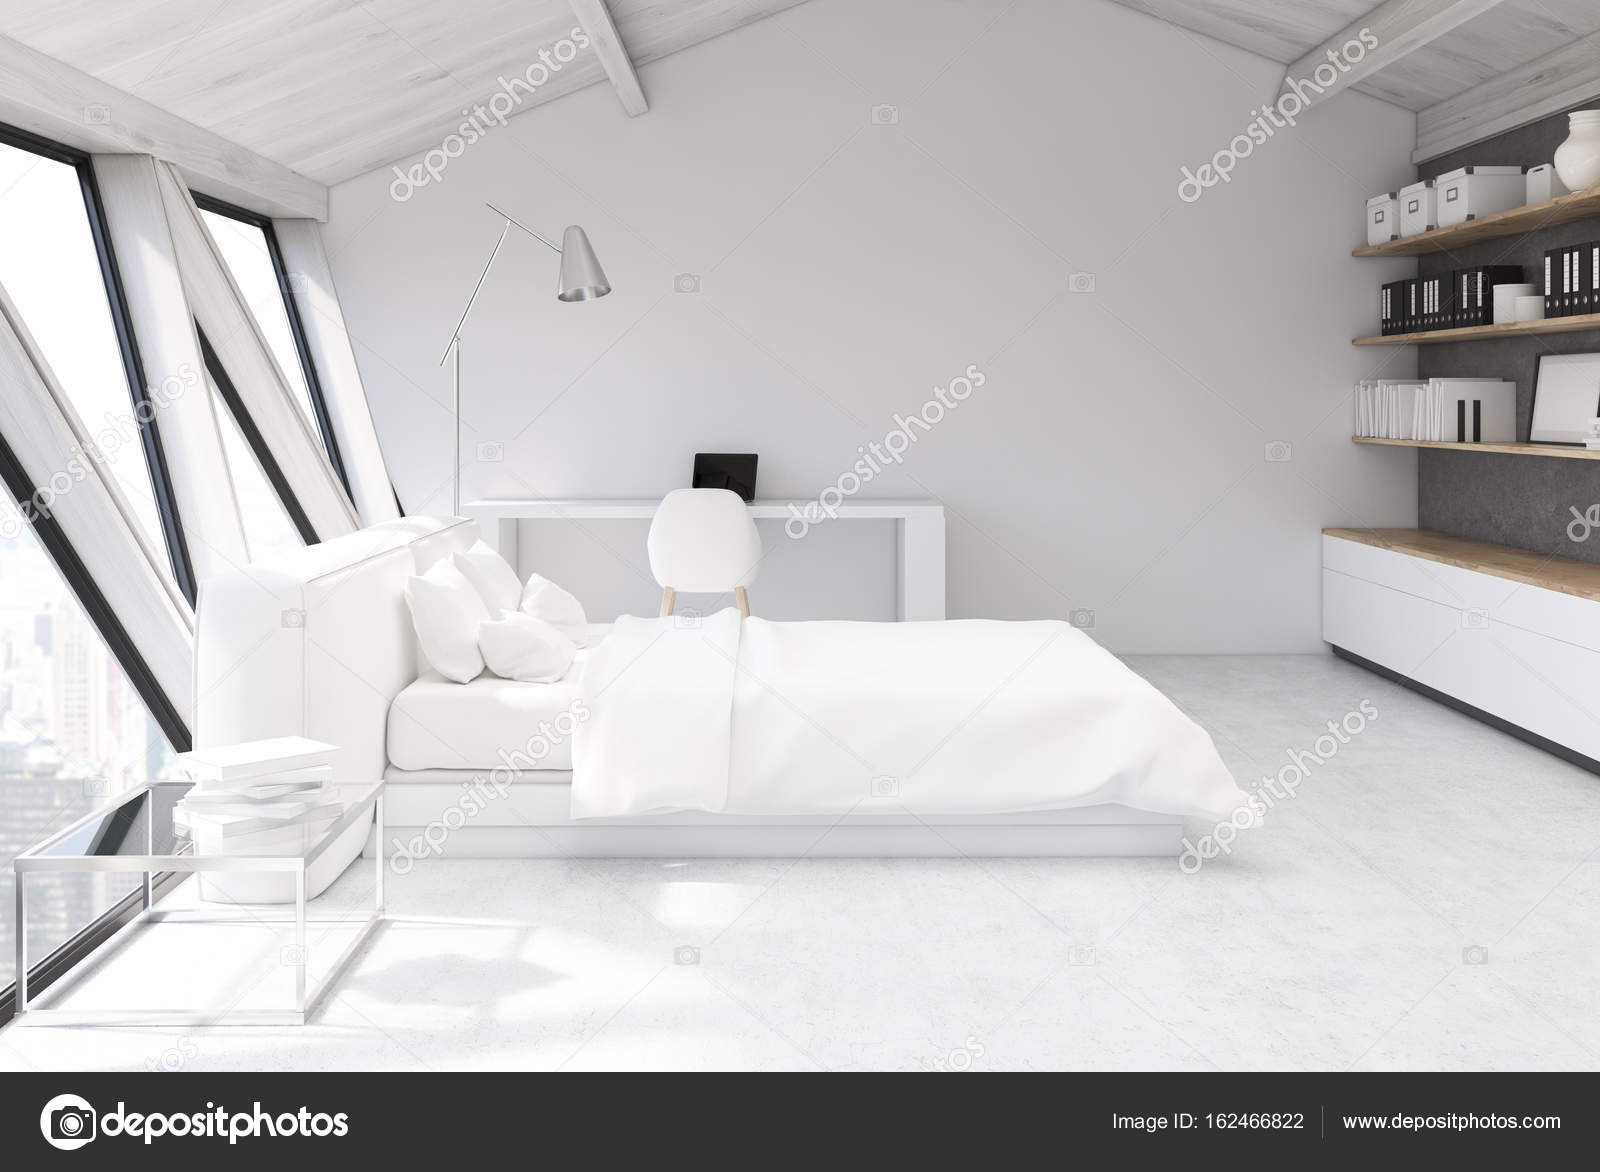 wit slaapkamer op een zolder zijaanzicht stockfoto